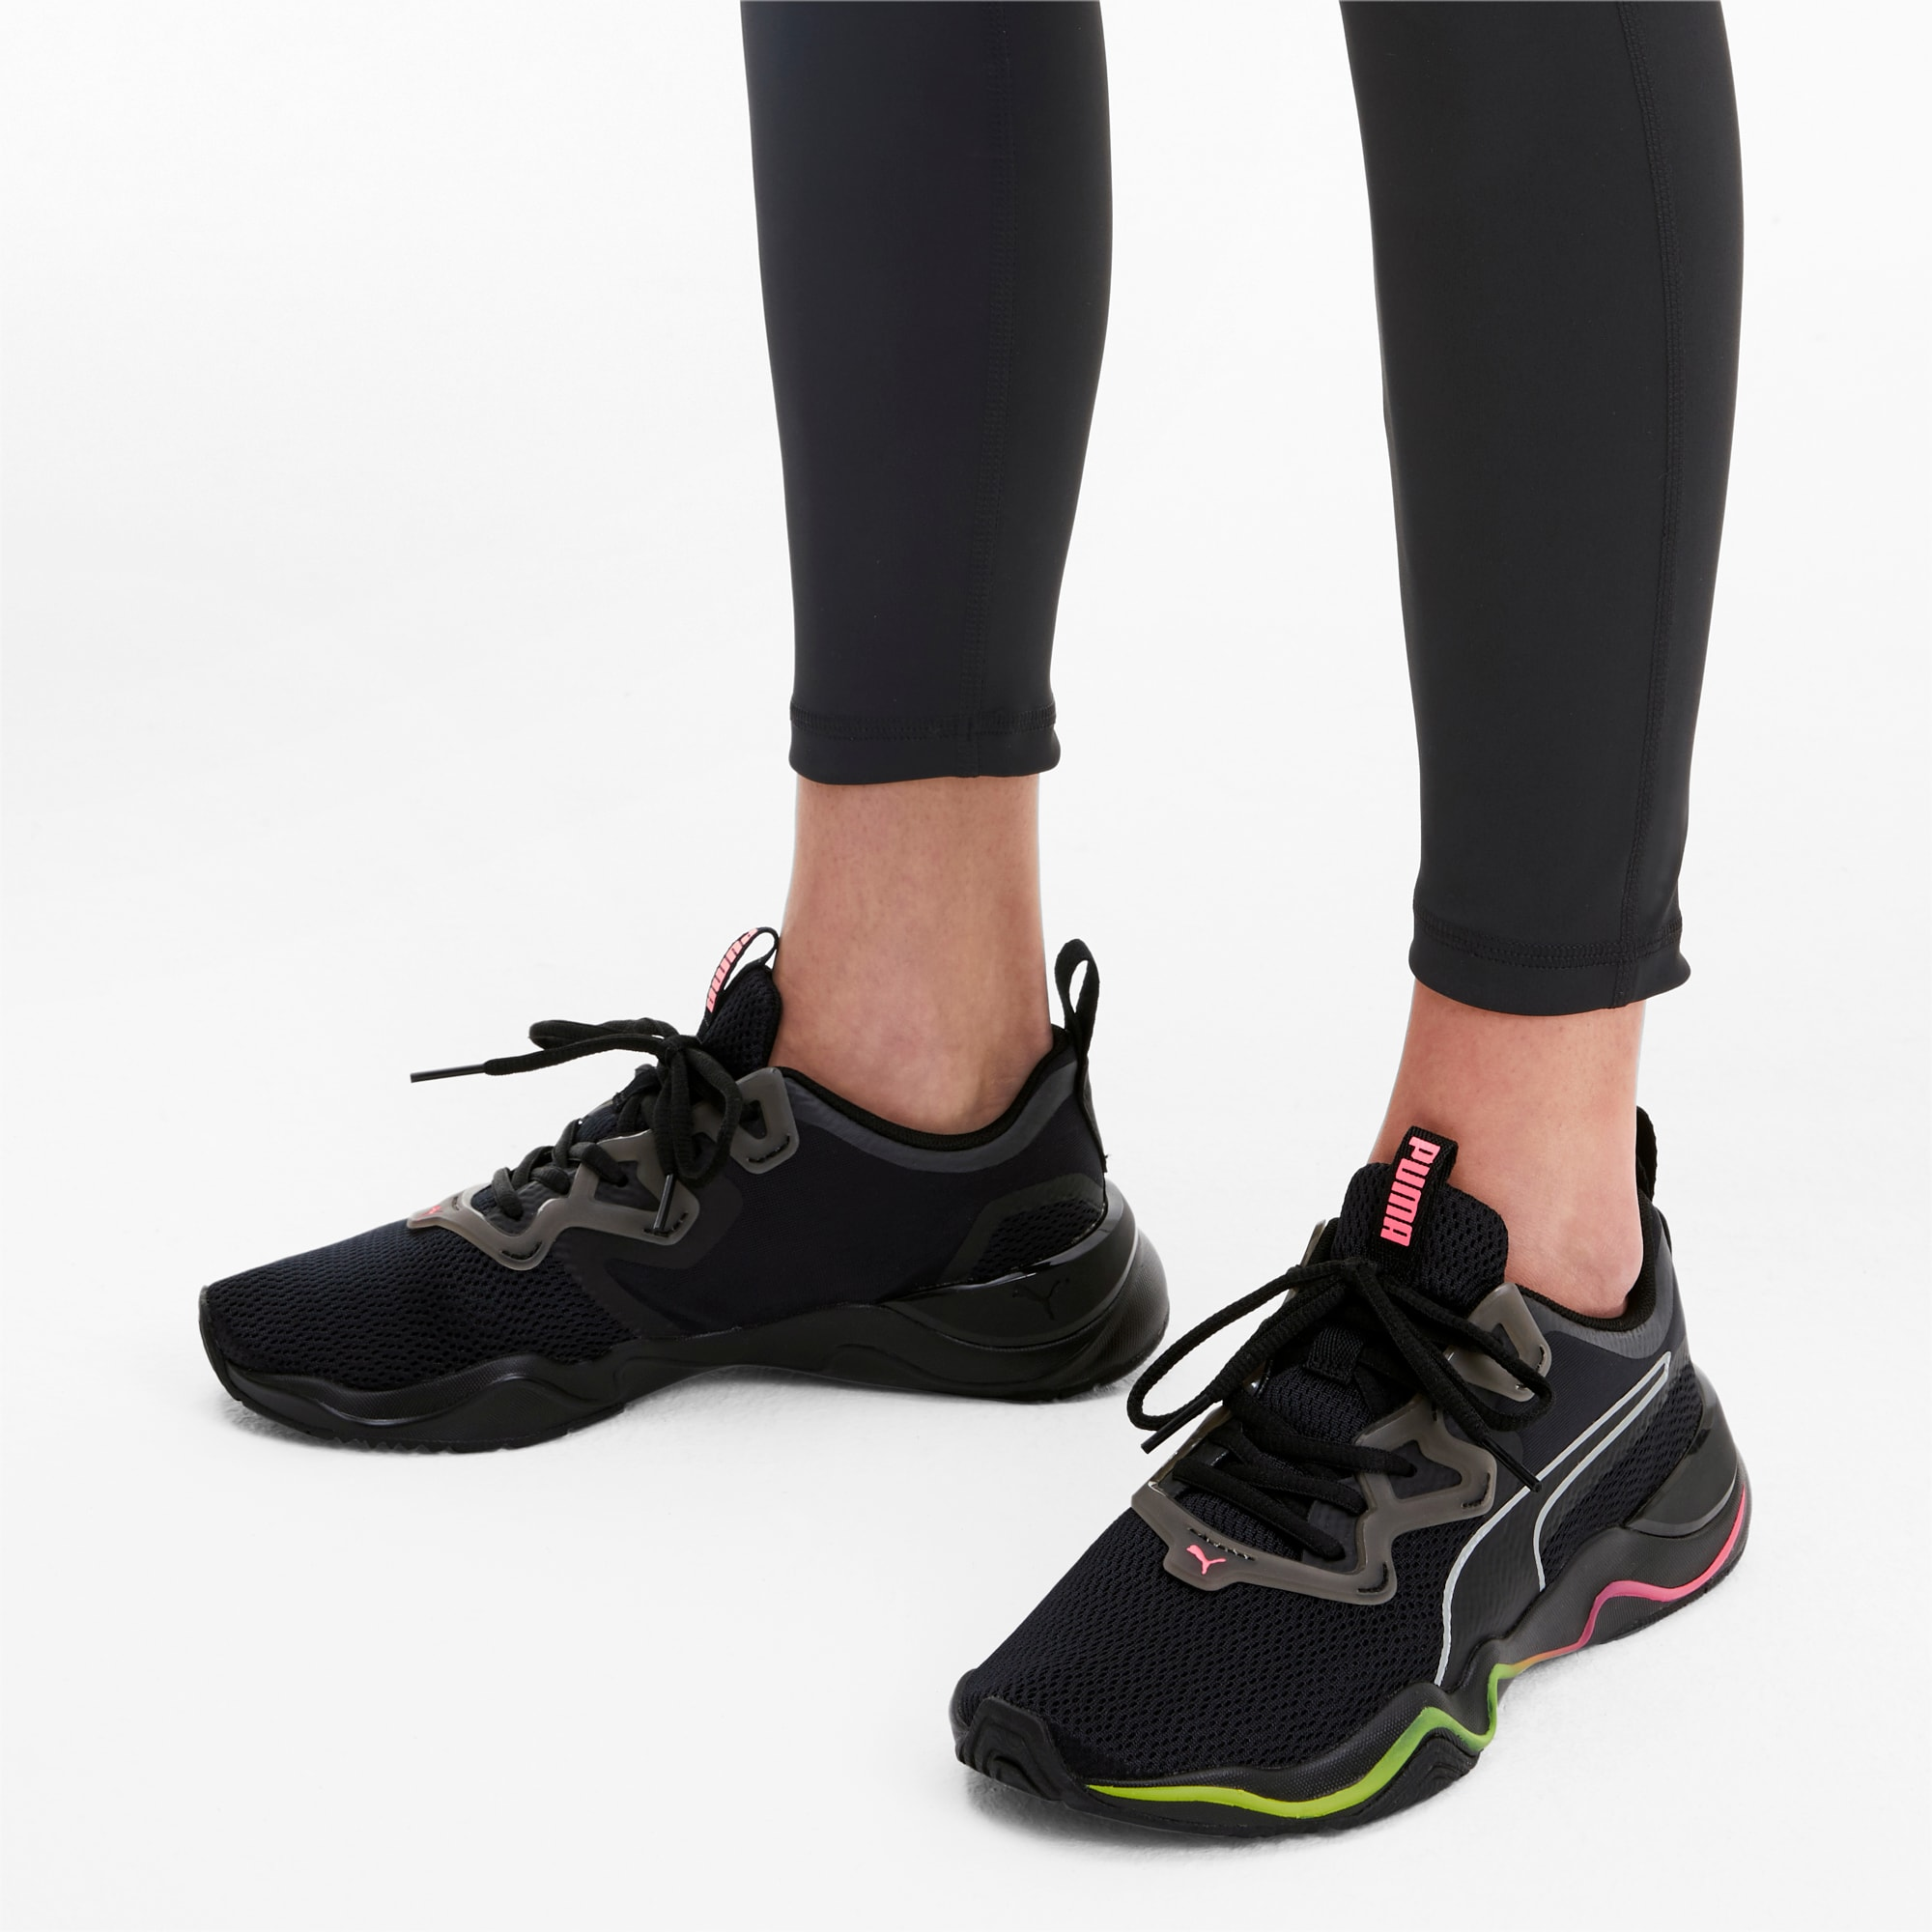 Zone XT Women's Training Shoes